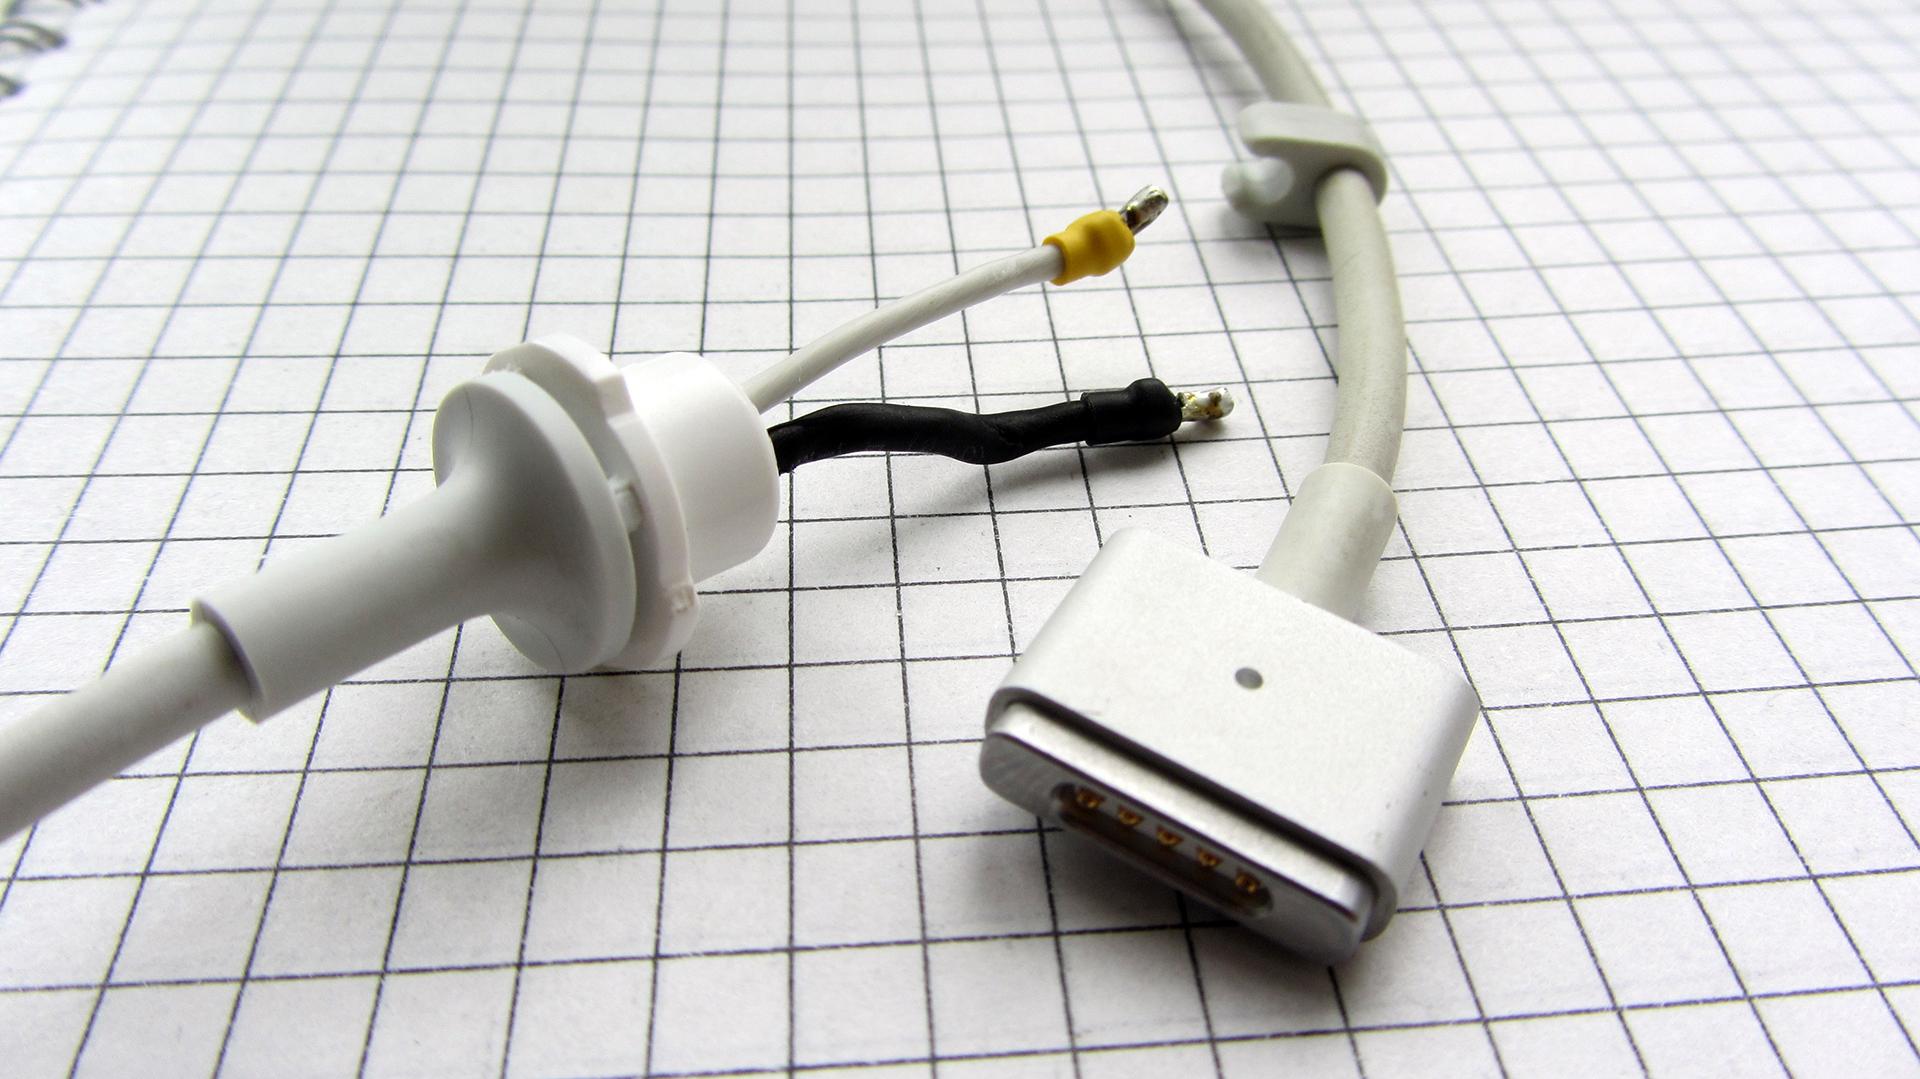 Кабель зарядки Макбук имеет всего два провода